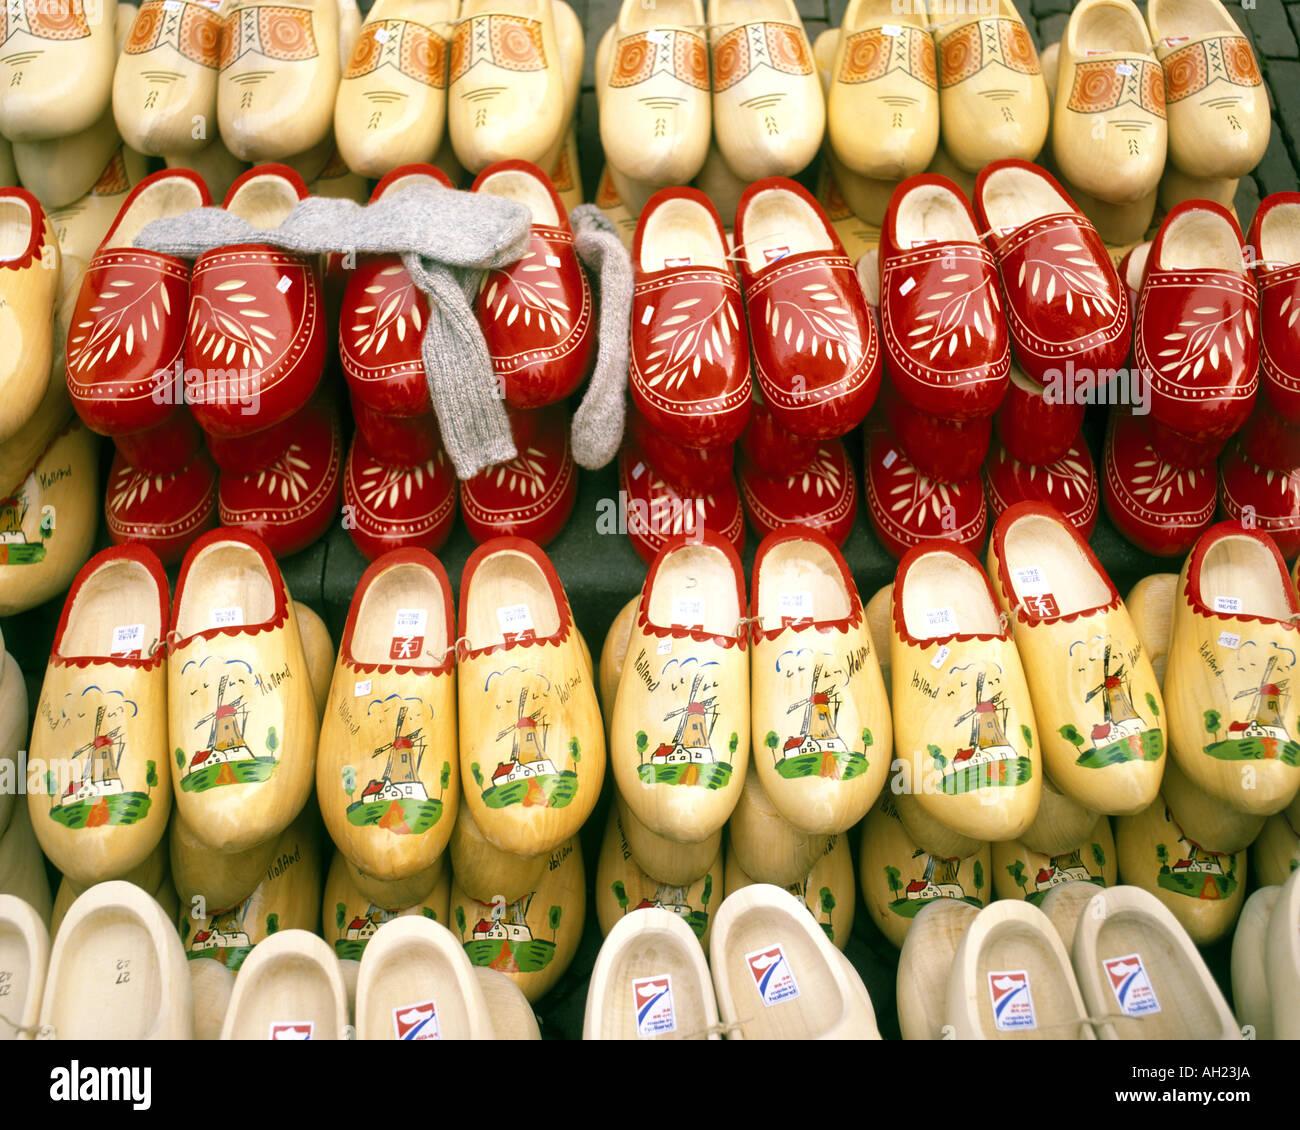 NL - Holanda: tradicional de socos no visor Imagens de Stock